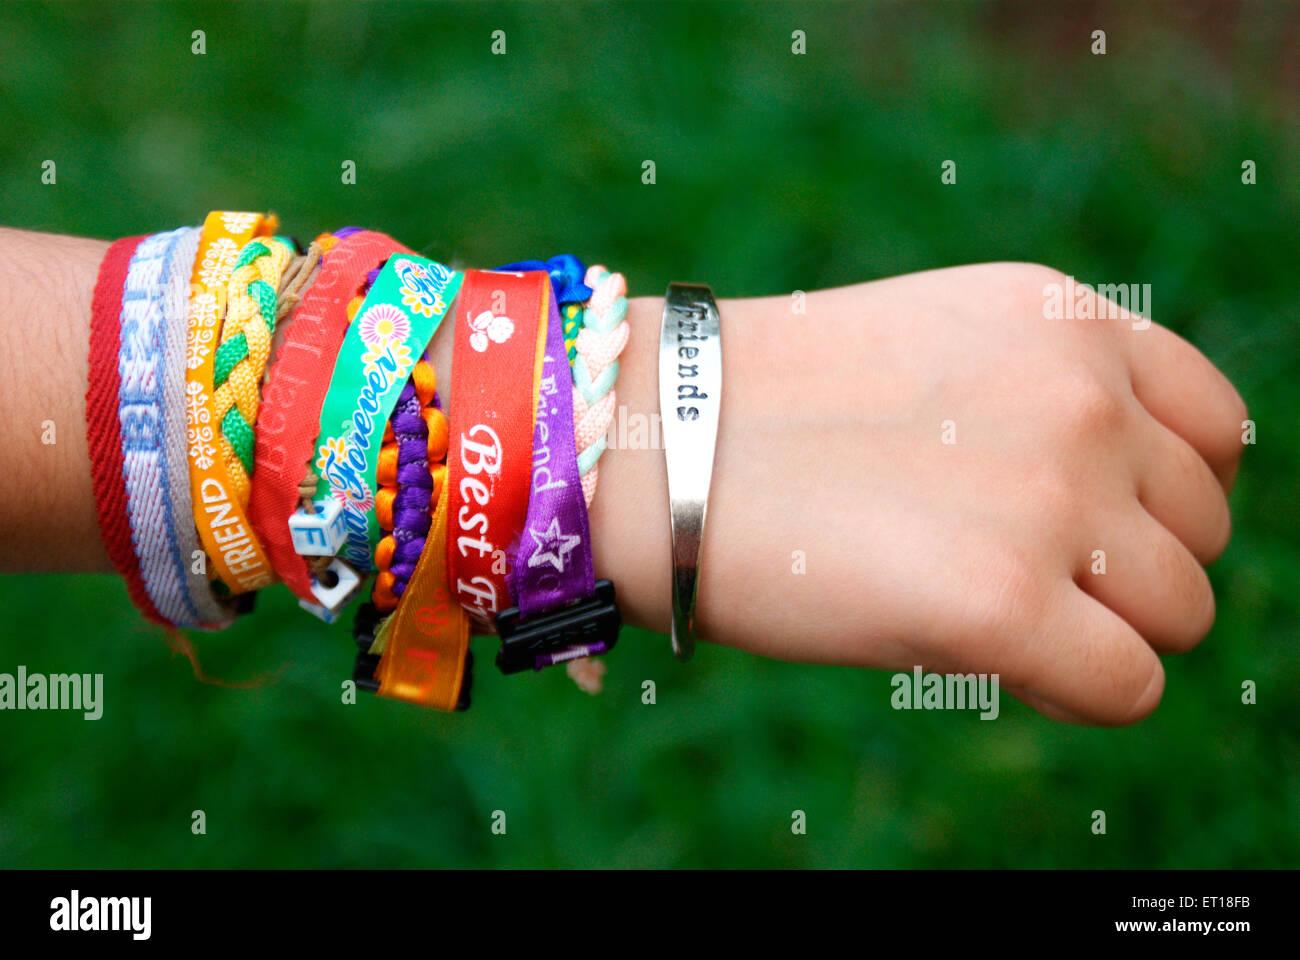 191114326d090 Friendship Bracelet Stock Photos & Friendship Bracelet Stock Images ...